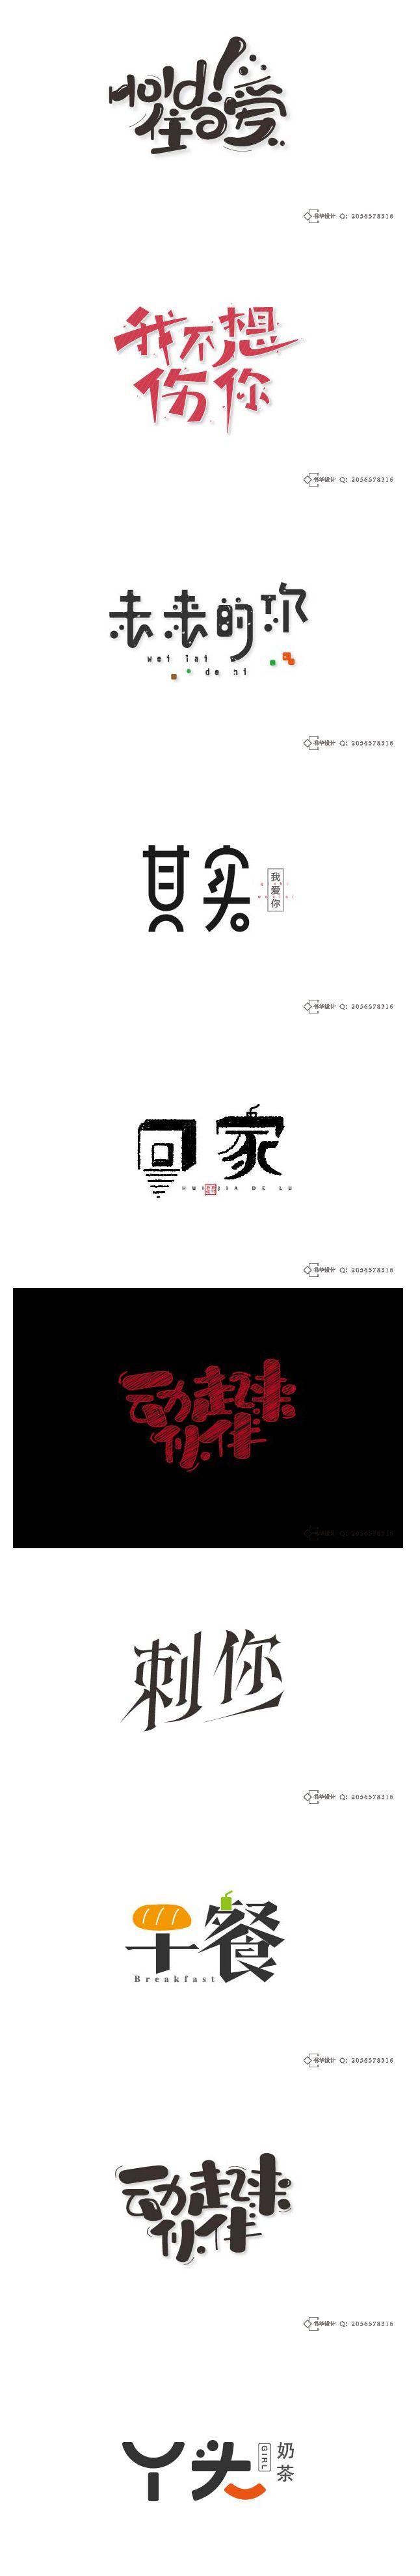 字道2_字体传奇网-中国首个字体品牌设计...